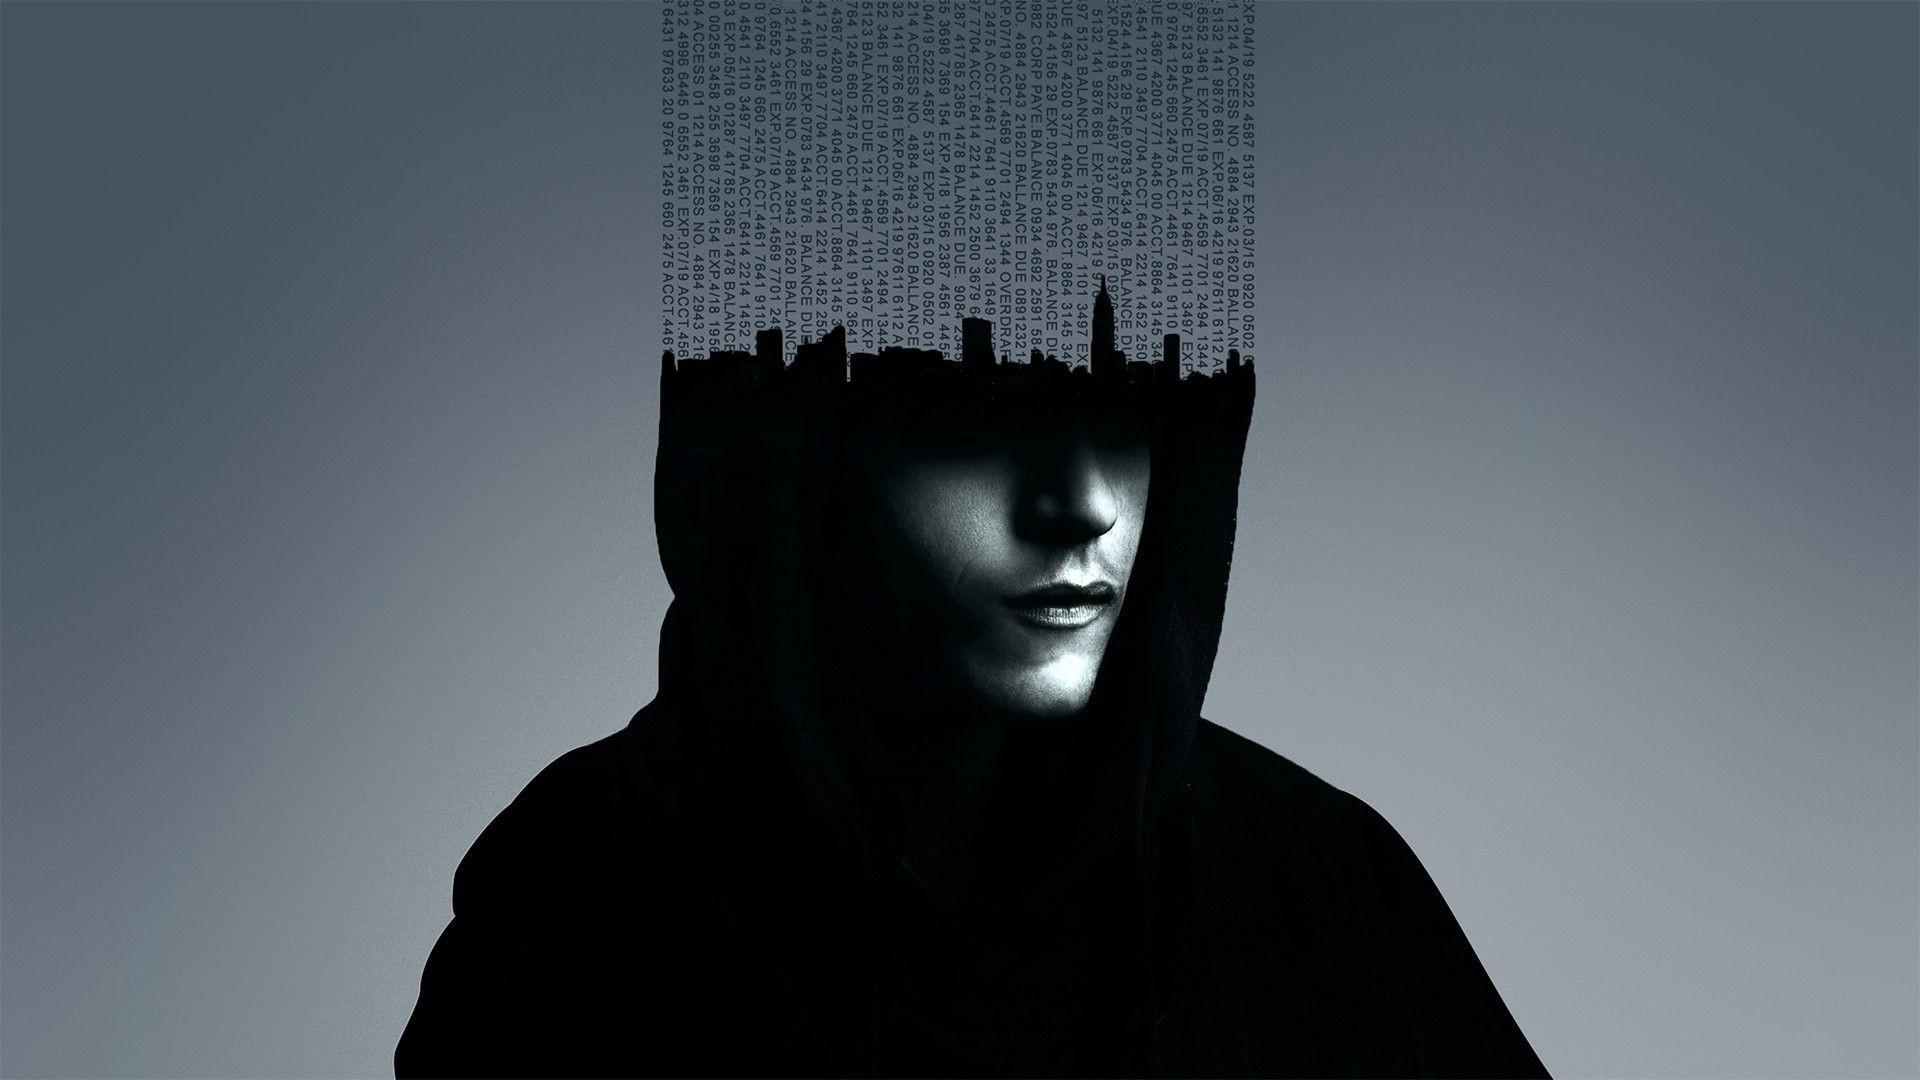 Hacker Background